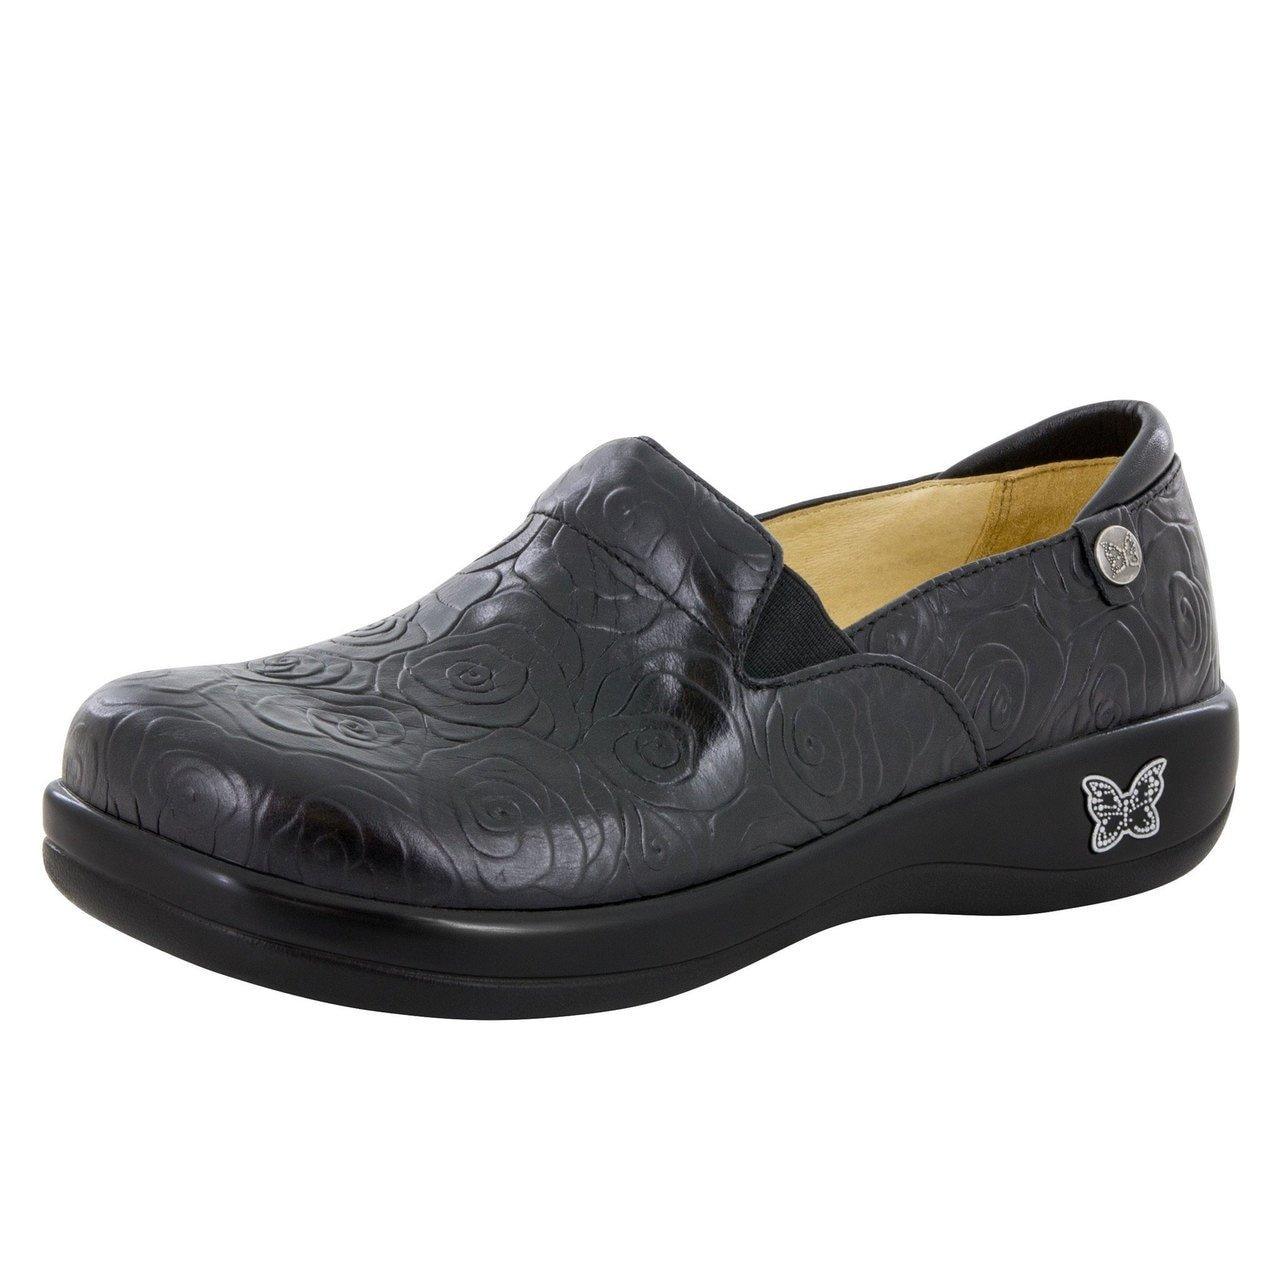 Alegria Women's Keli Professional Night Rosette Shoe